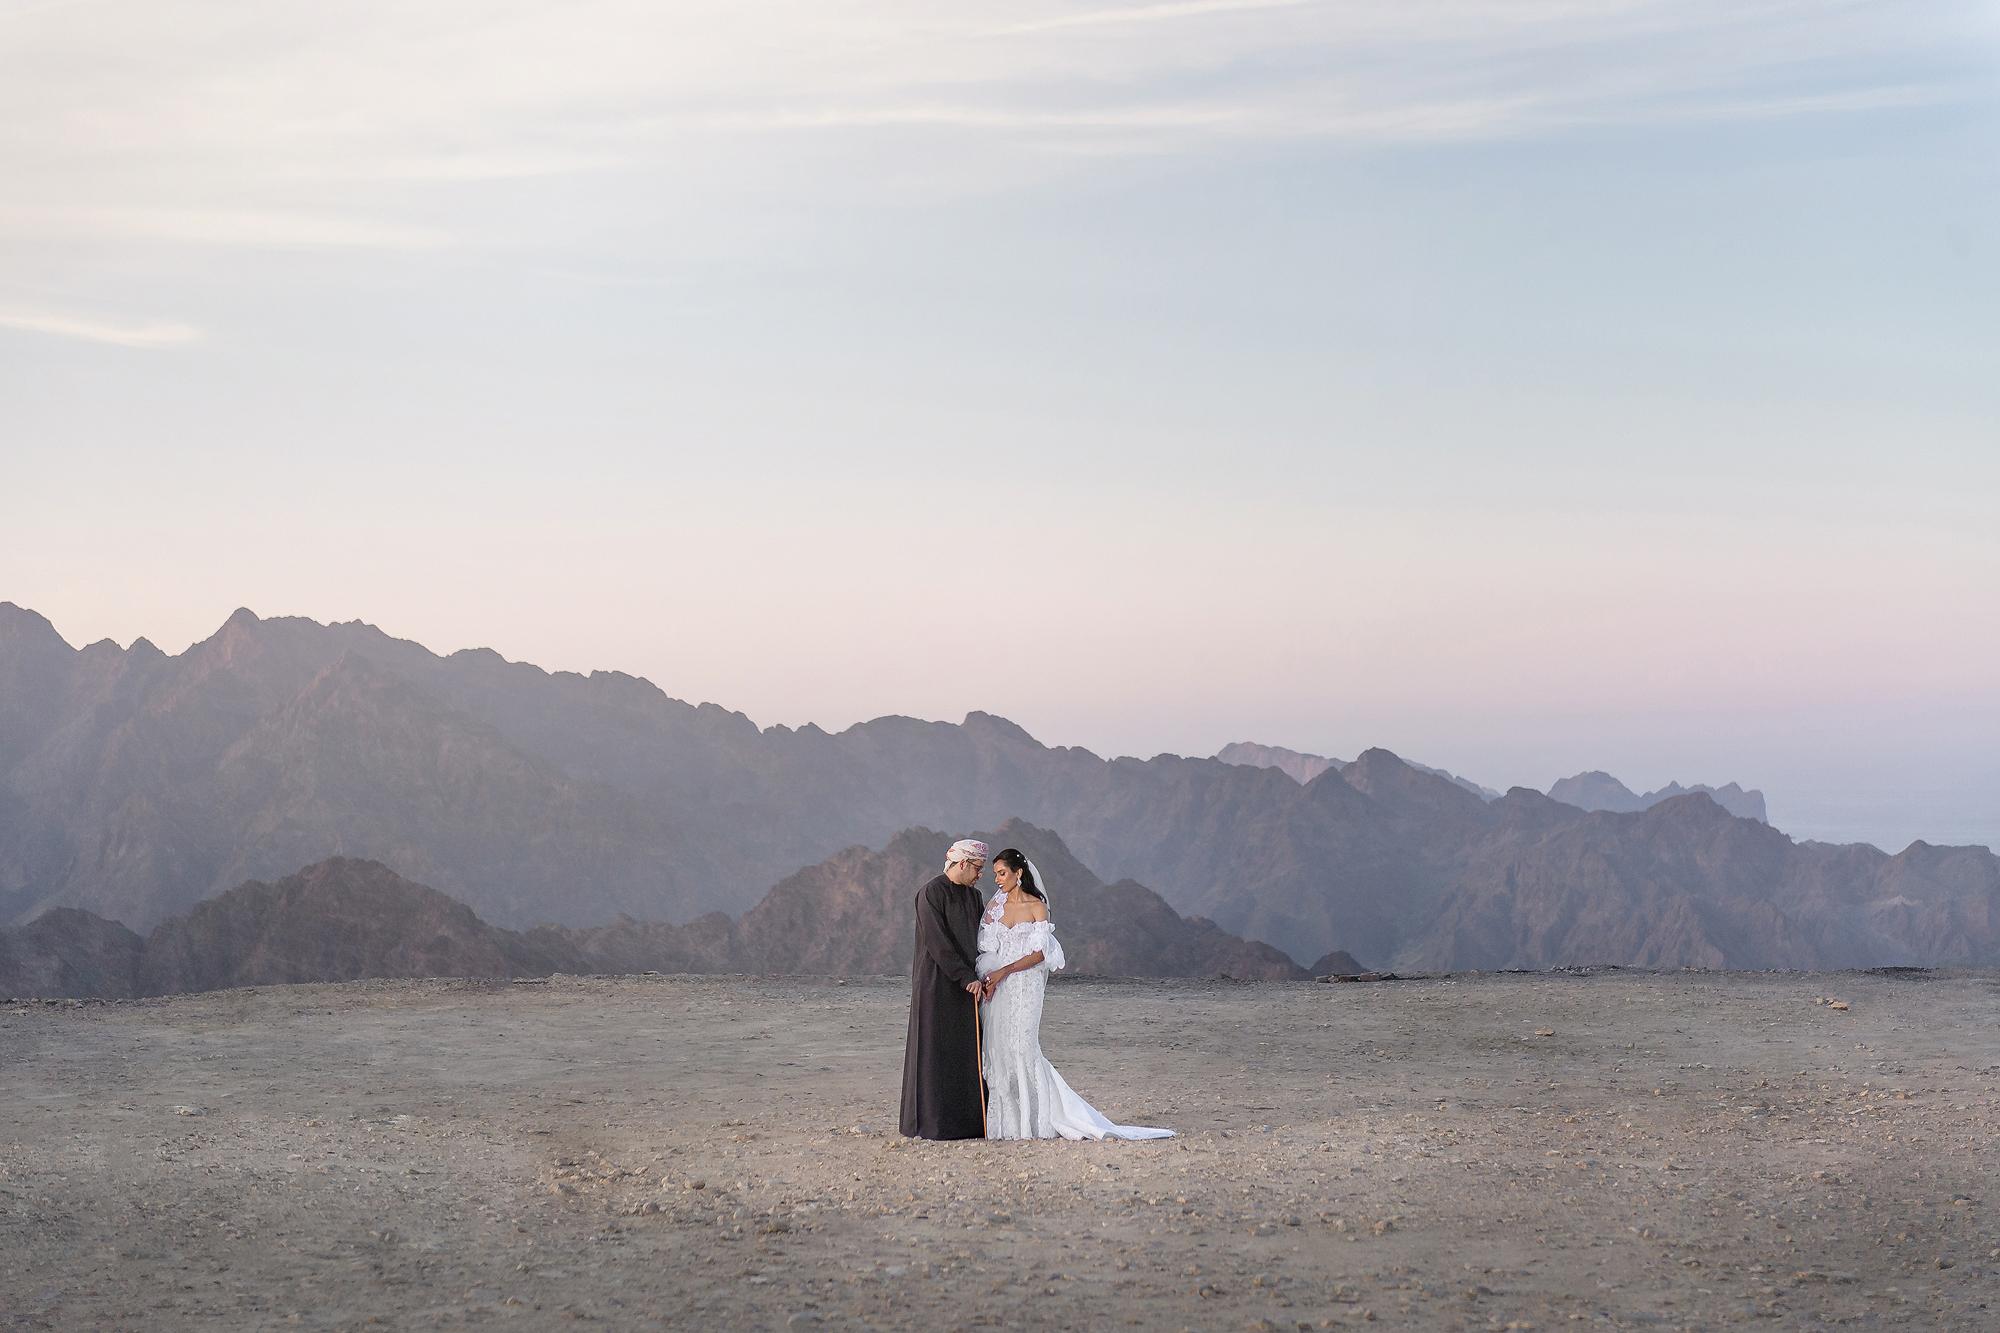 Couple landscape portrait against mountains - photo by 37 Frames